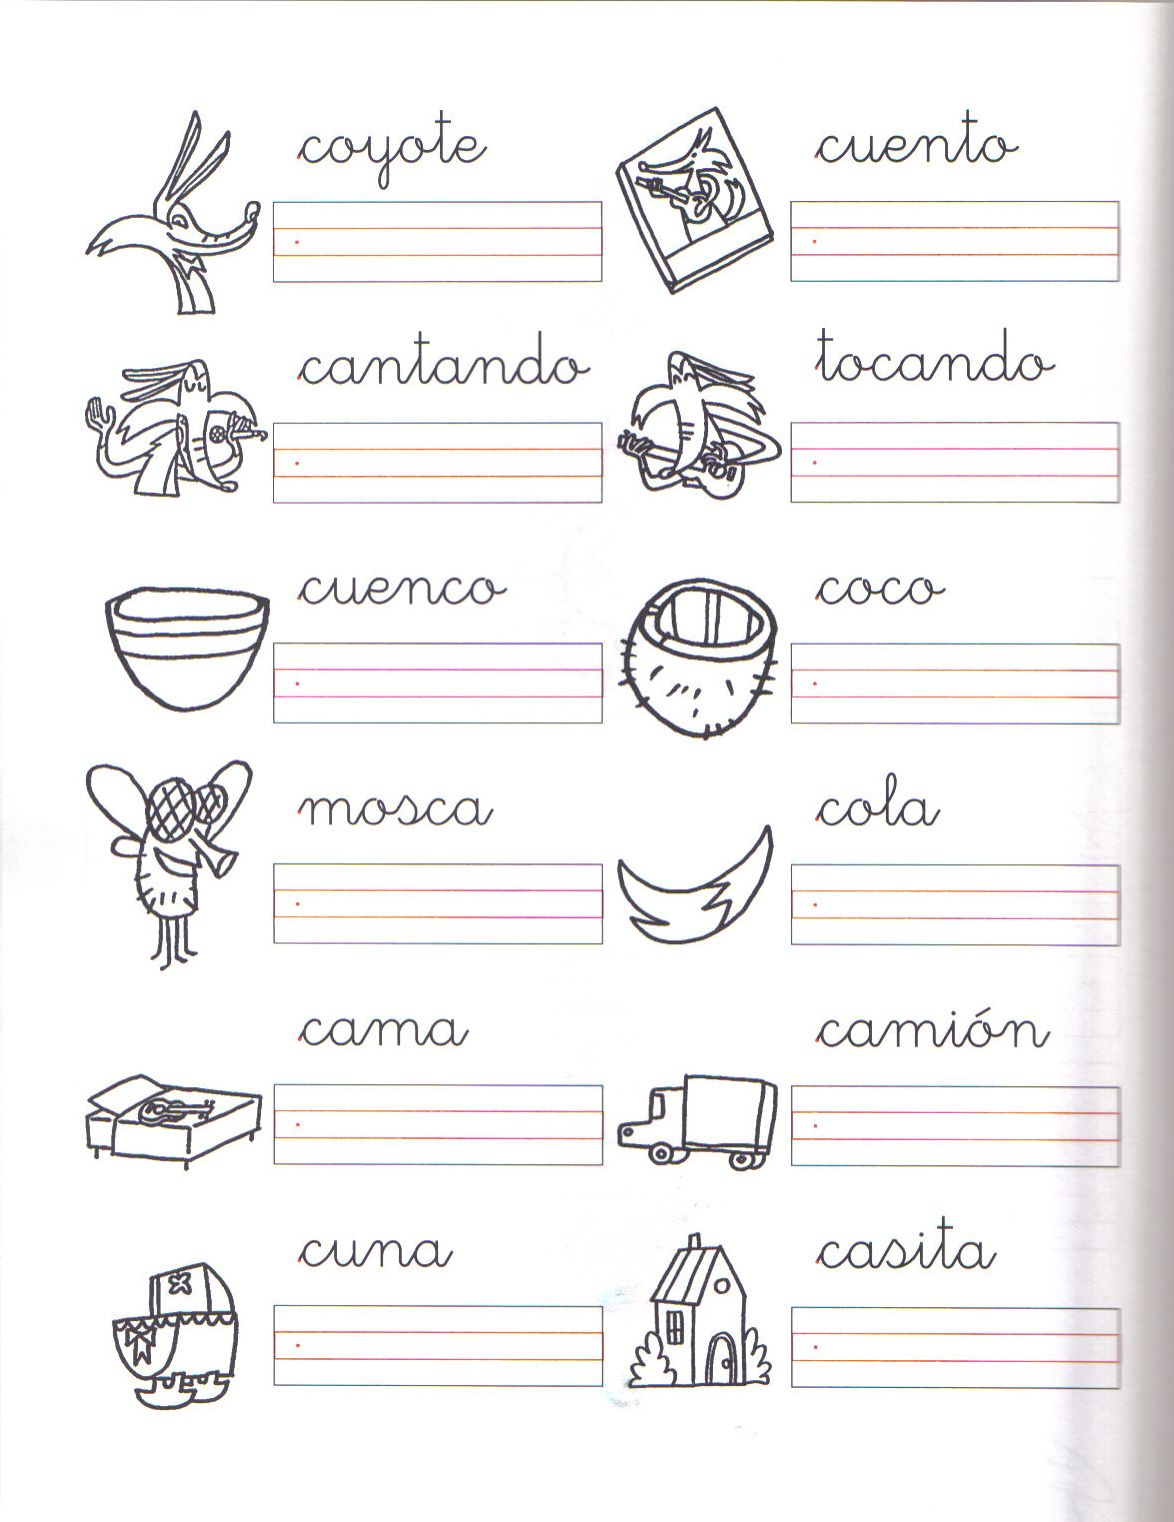 Vocabulario Letra C Ca Co Cu